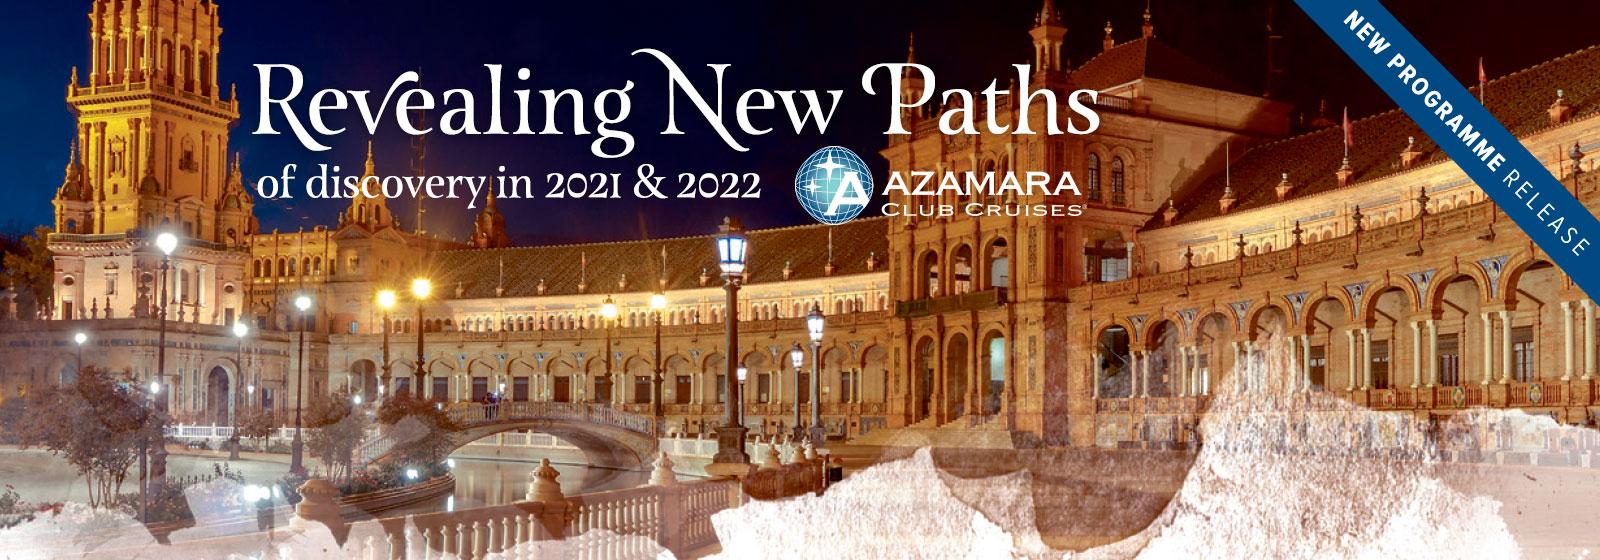 aza-2021-2022